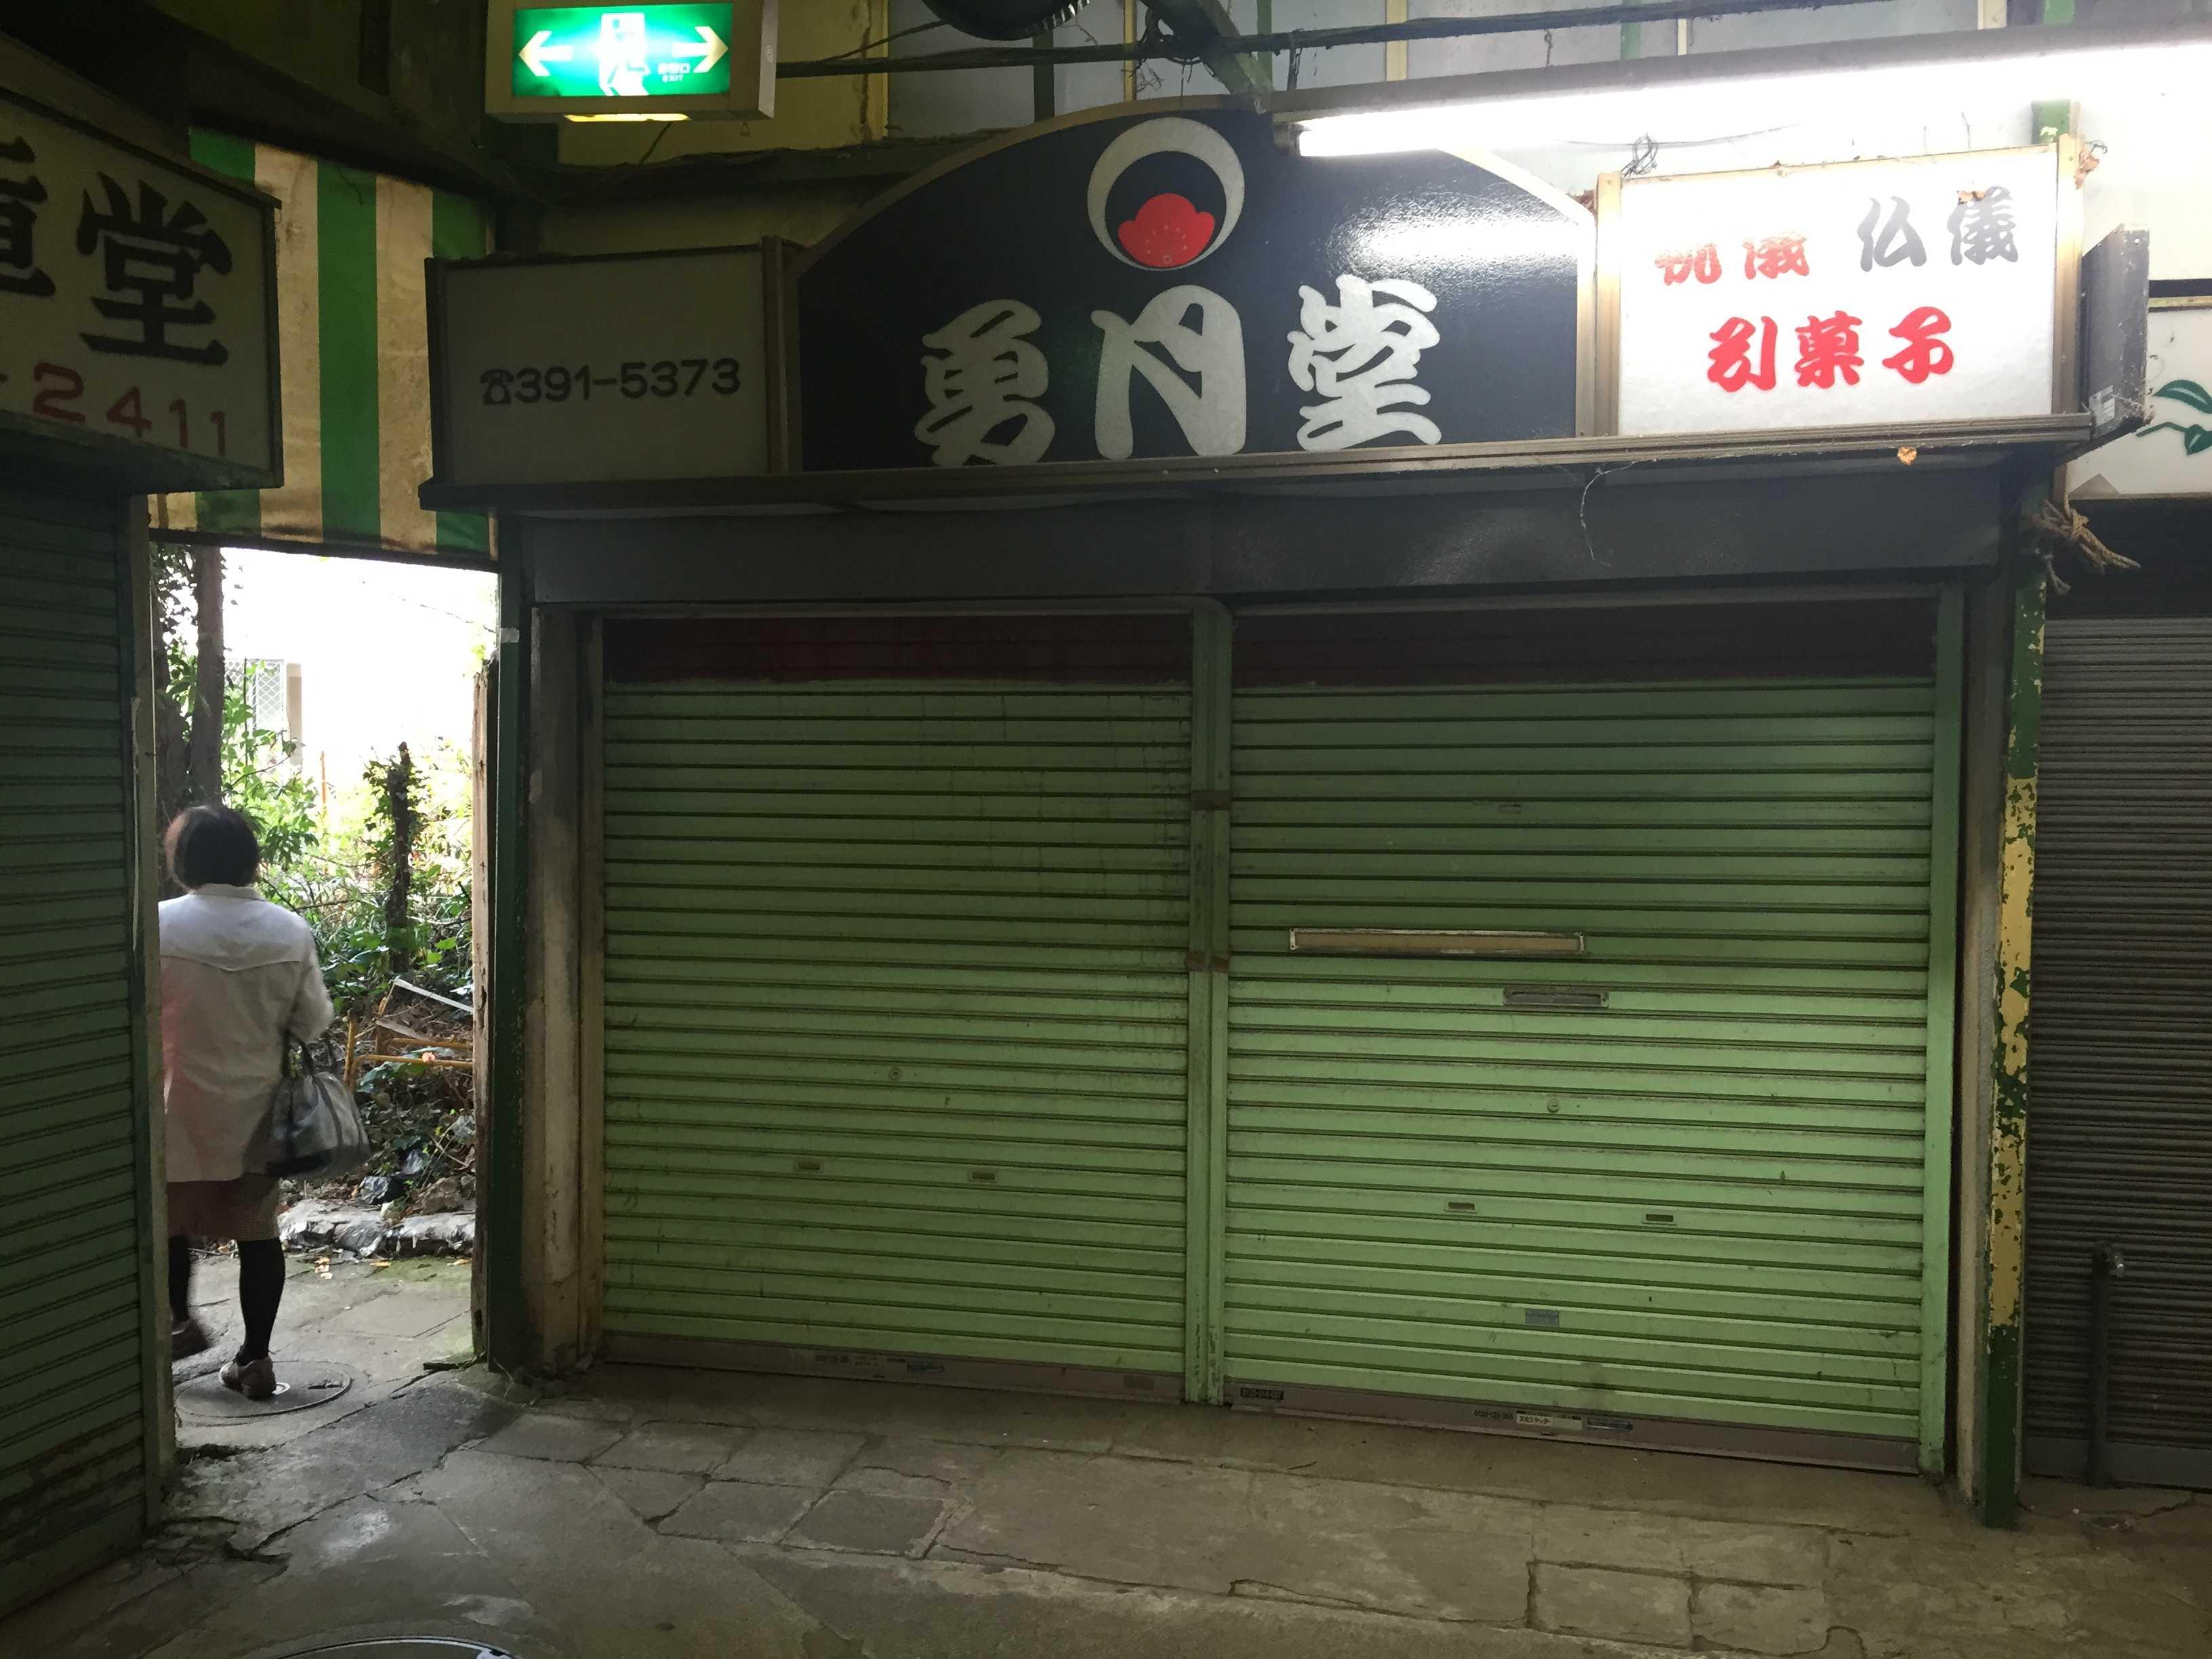 お仏壇屋さん - 希望ヶ丘ショッピングセンター